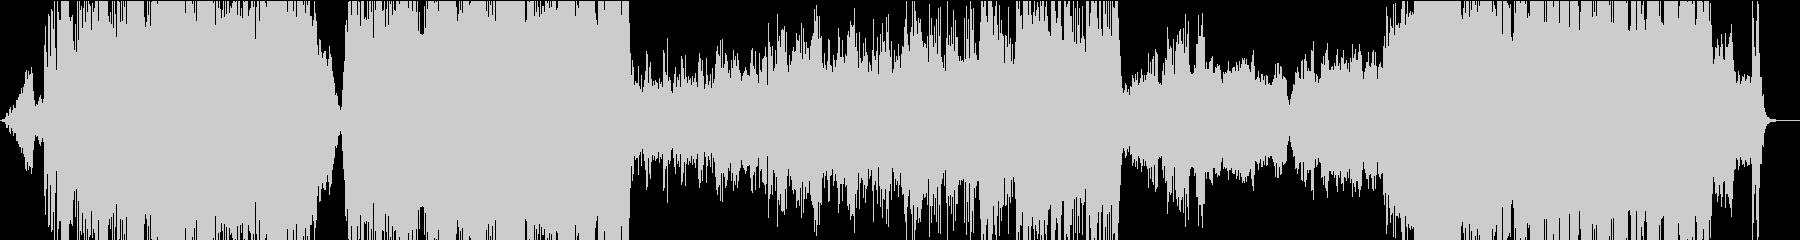 決戦前の戦士をイメージした重厚な曲の未再生の波形